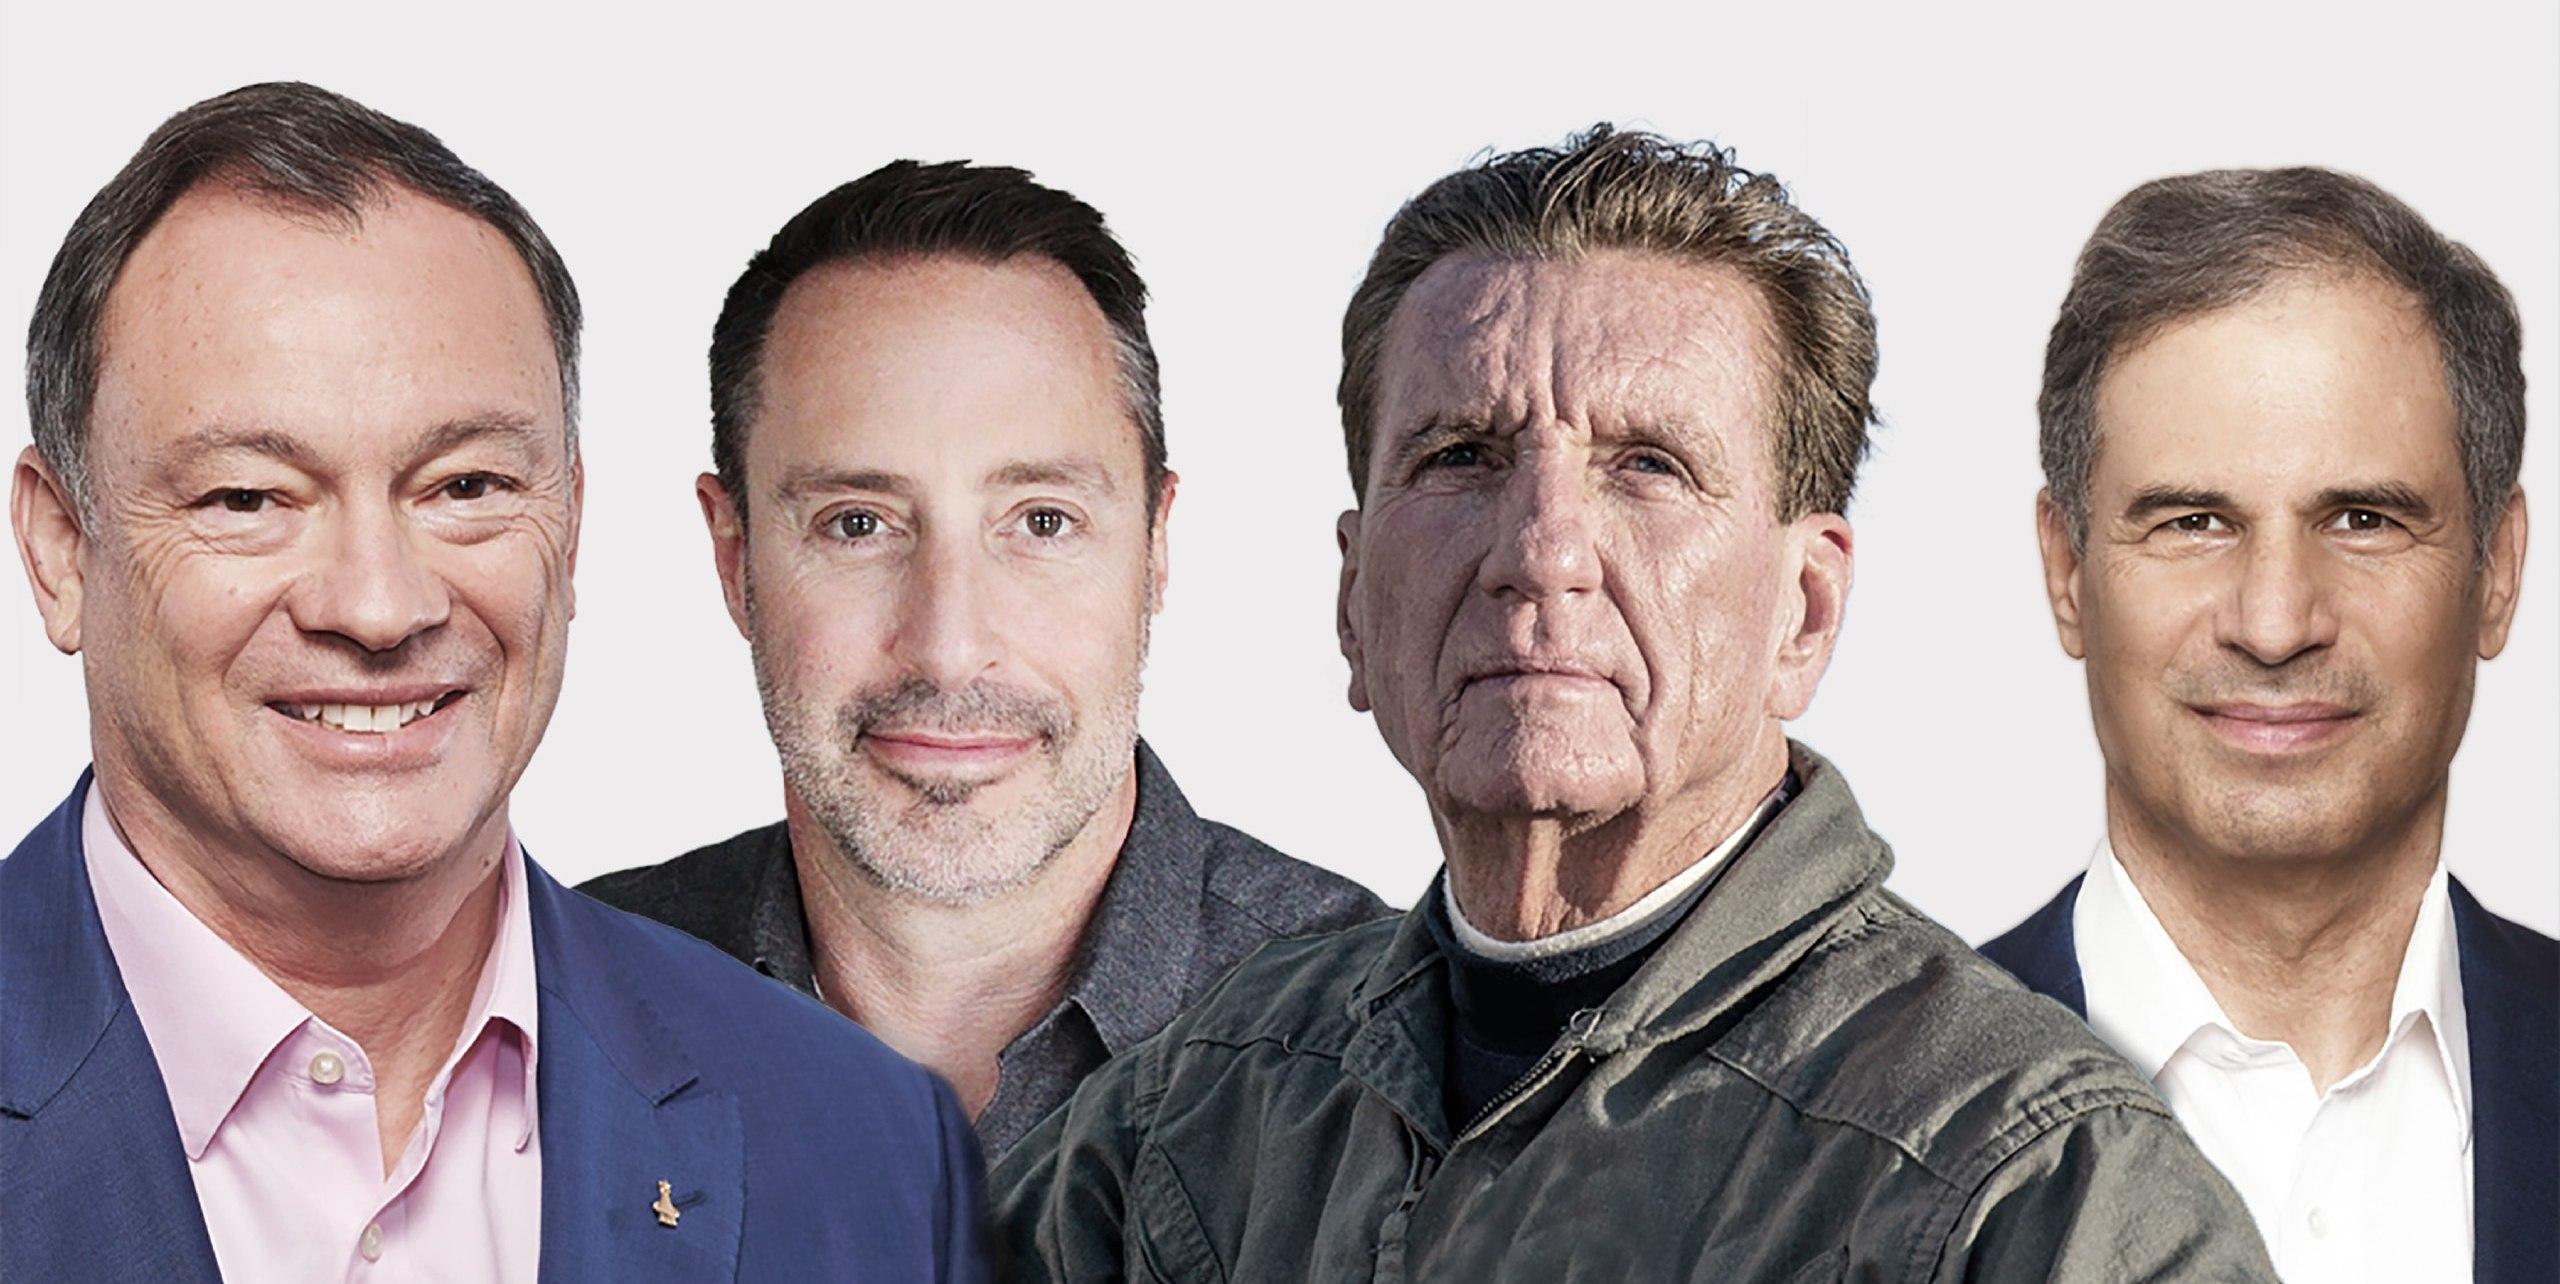 L'equipaggio della missione Ax-1. Da sinistra: Michael Lopez-Alegria; Mark Pathy; Larry Connor e Eytan Stibbe. Credits: Axiom Space.